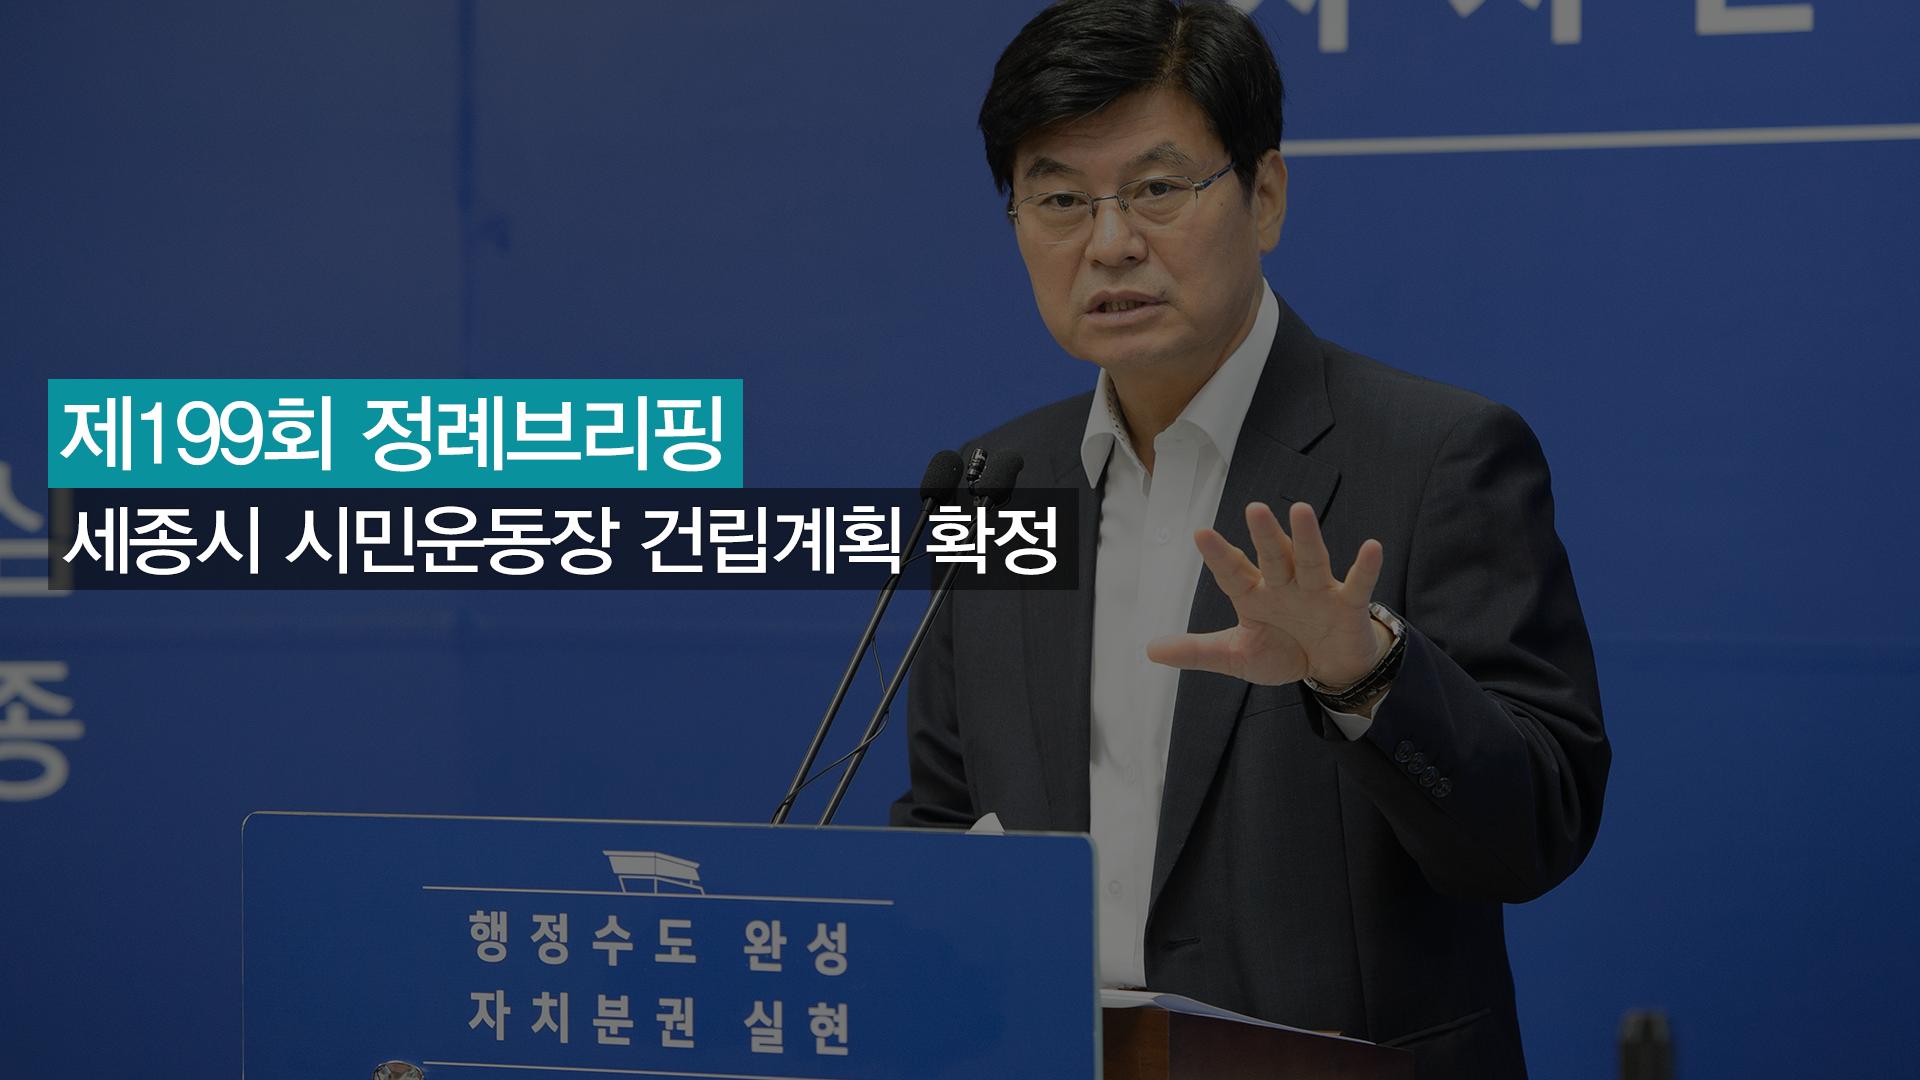 <199번째 정레브리핑> 세종시 시민운동장 건립계획 확정